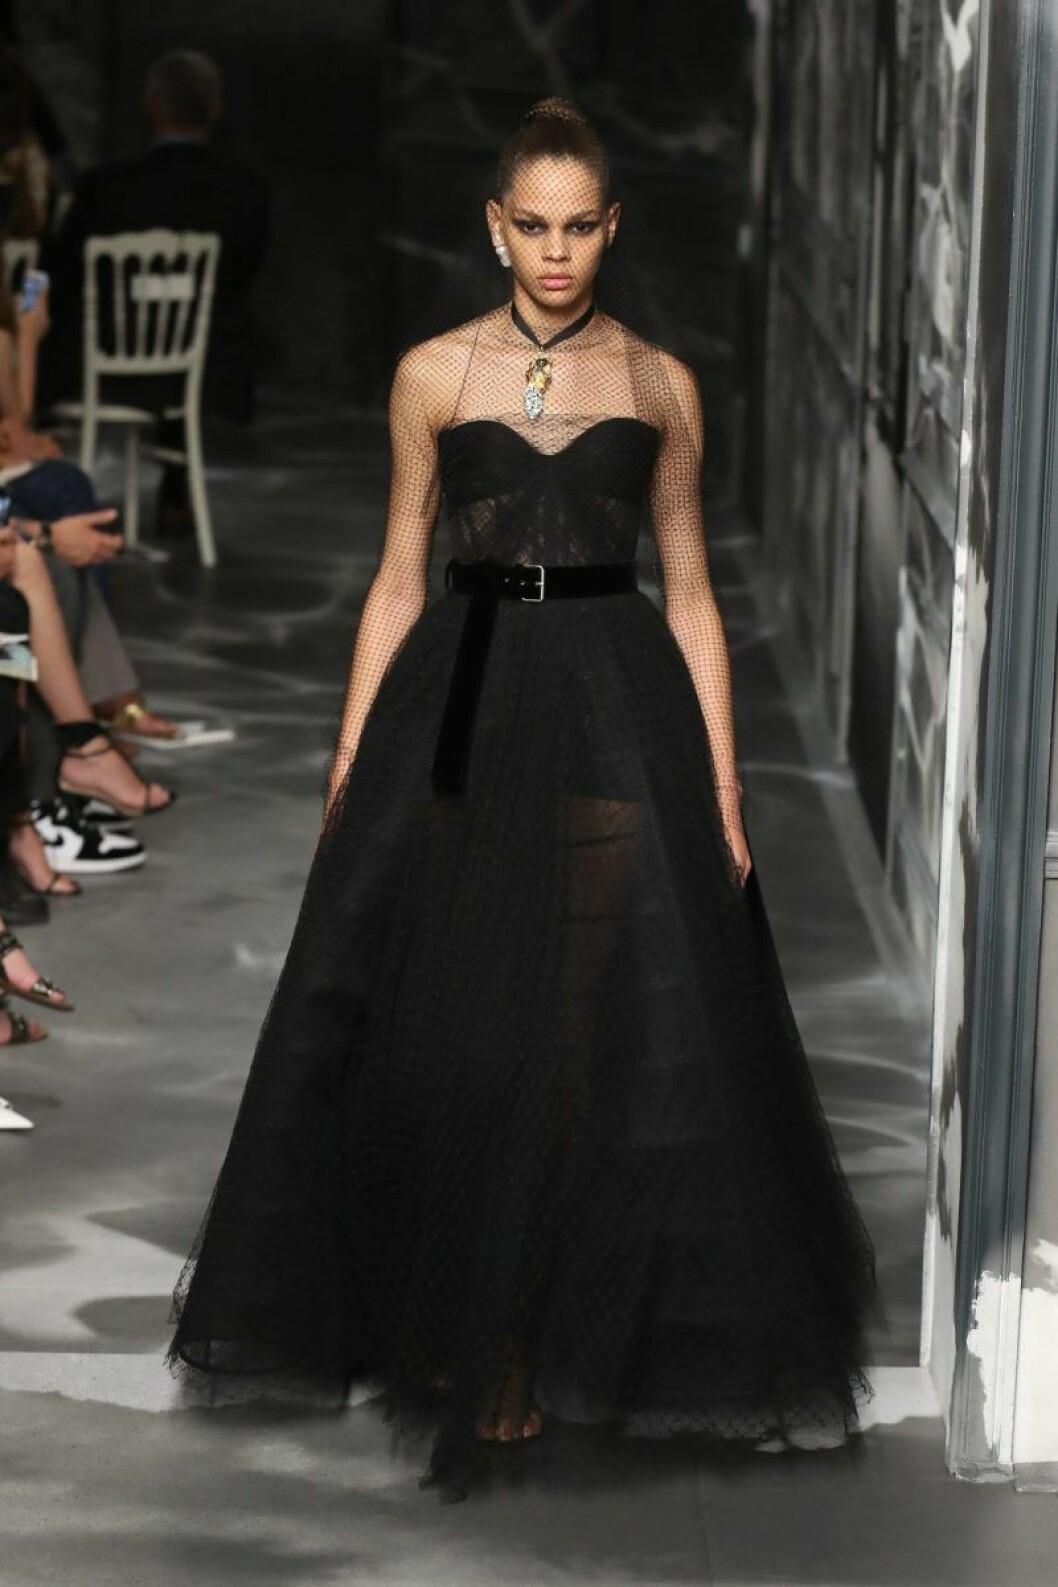 Christian Dior AW19/20, Lång voluminös klänning med bälte i midjan.